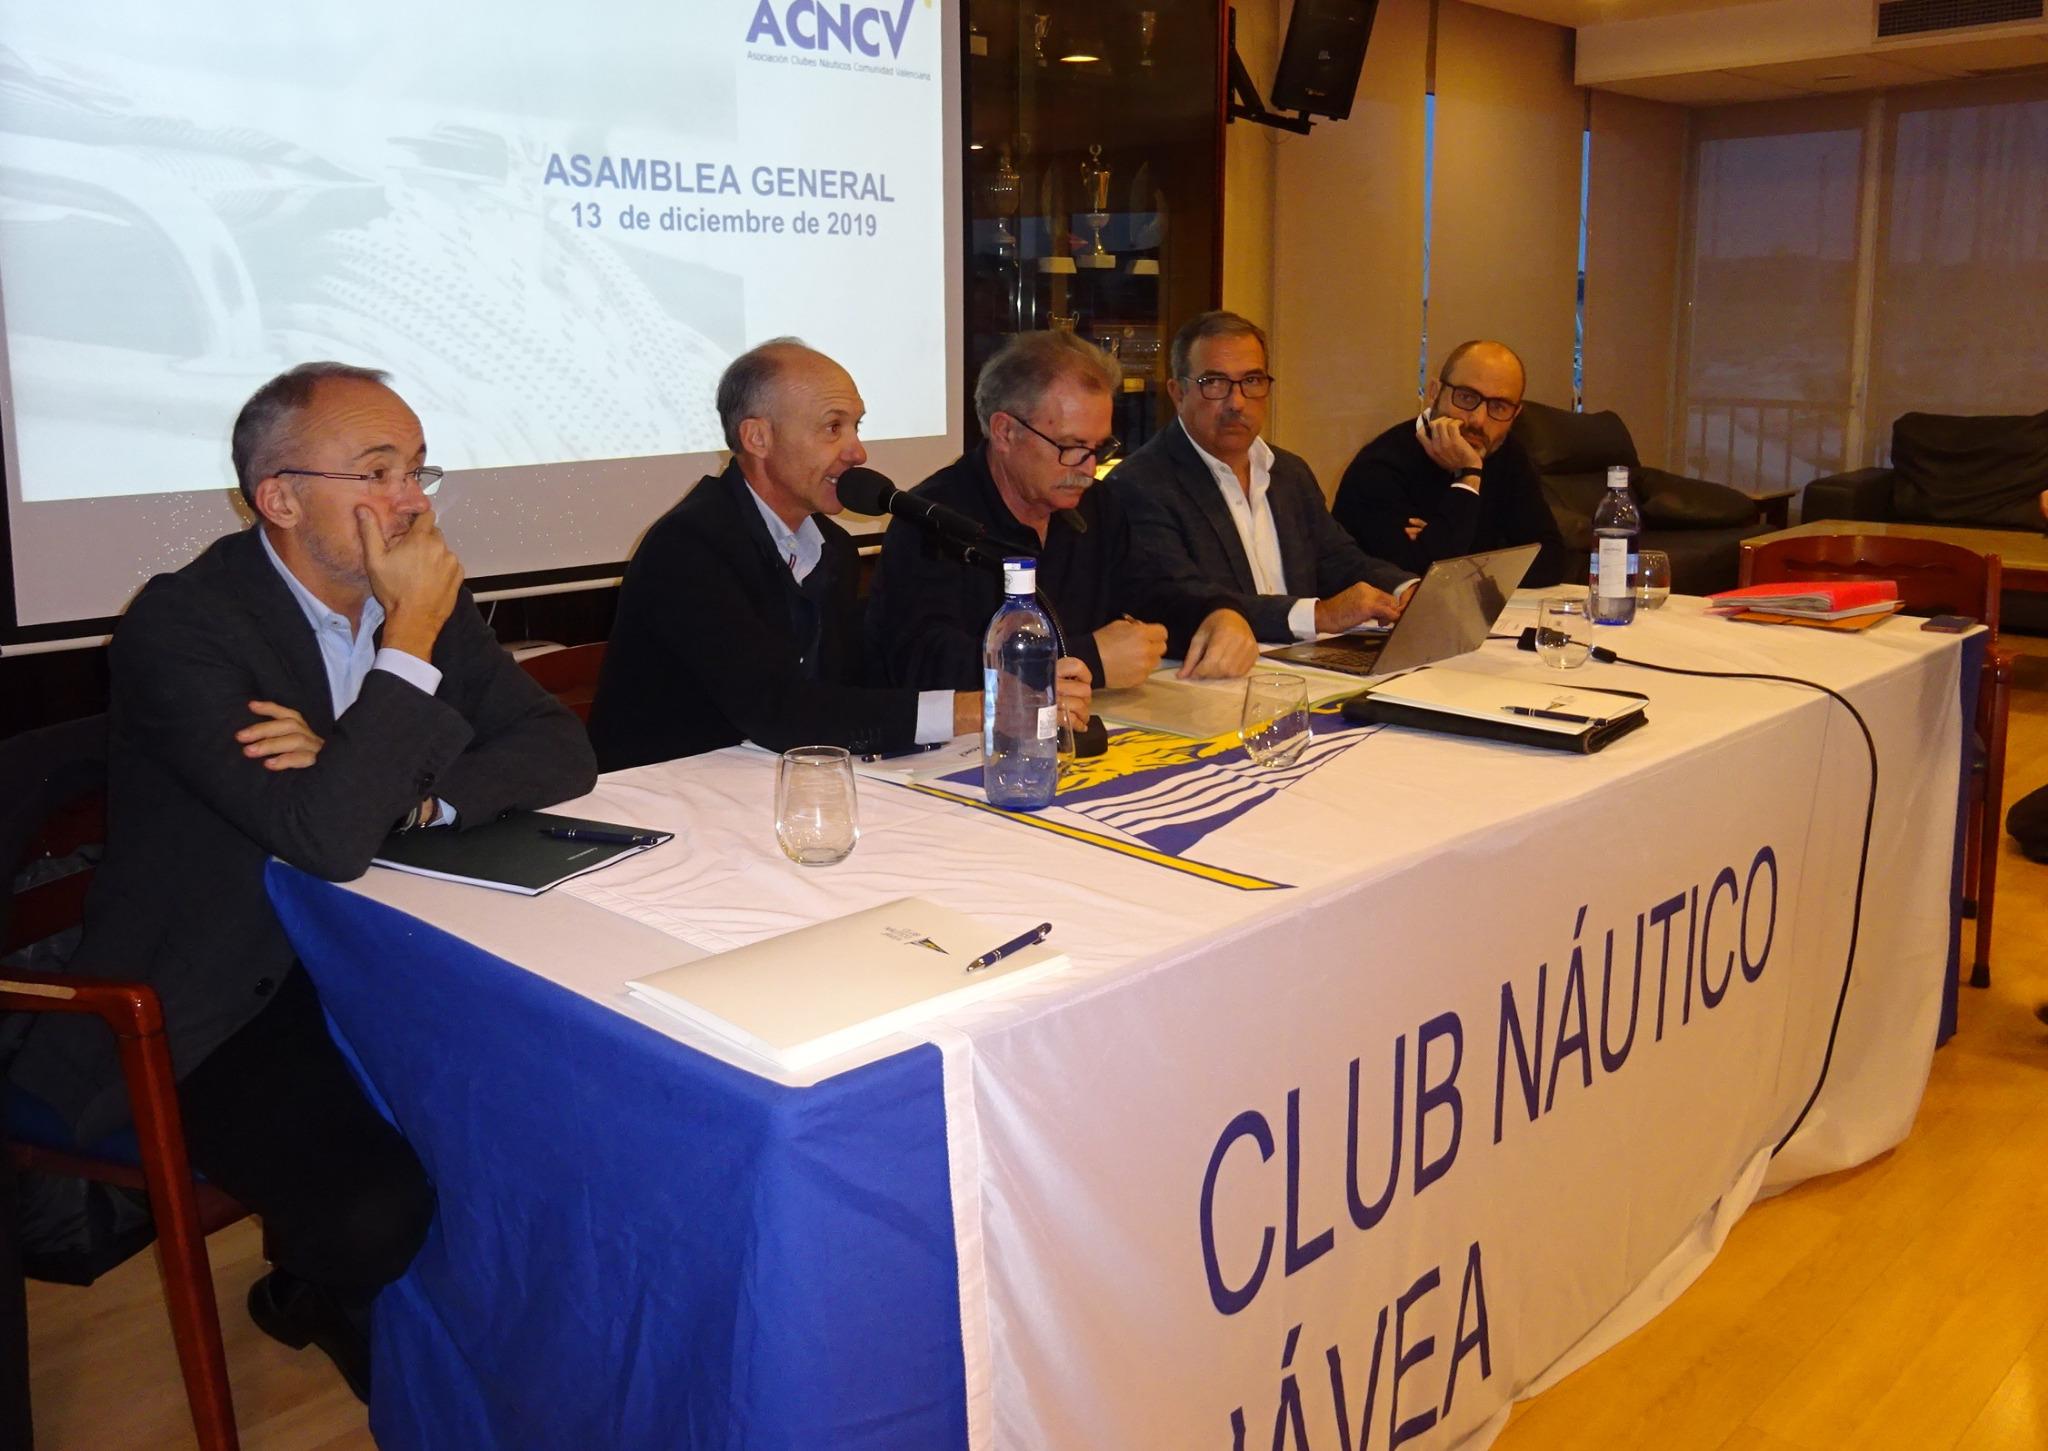 La ACNCV Celebra Su Asamblea General Con El Futuro De Las Concesiones Como Tema Central